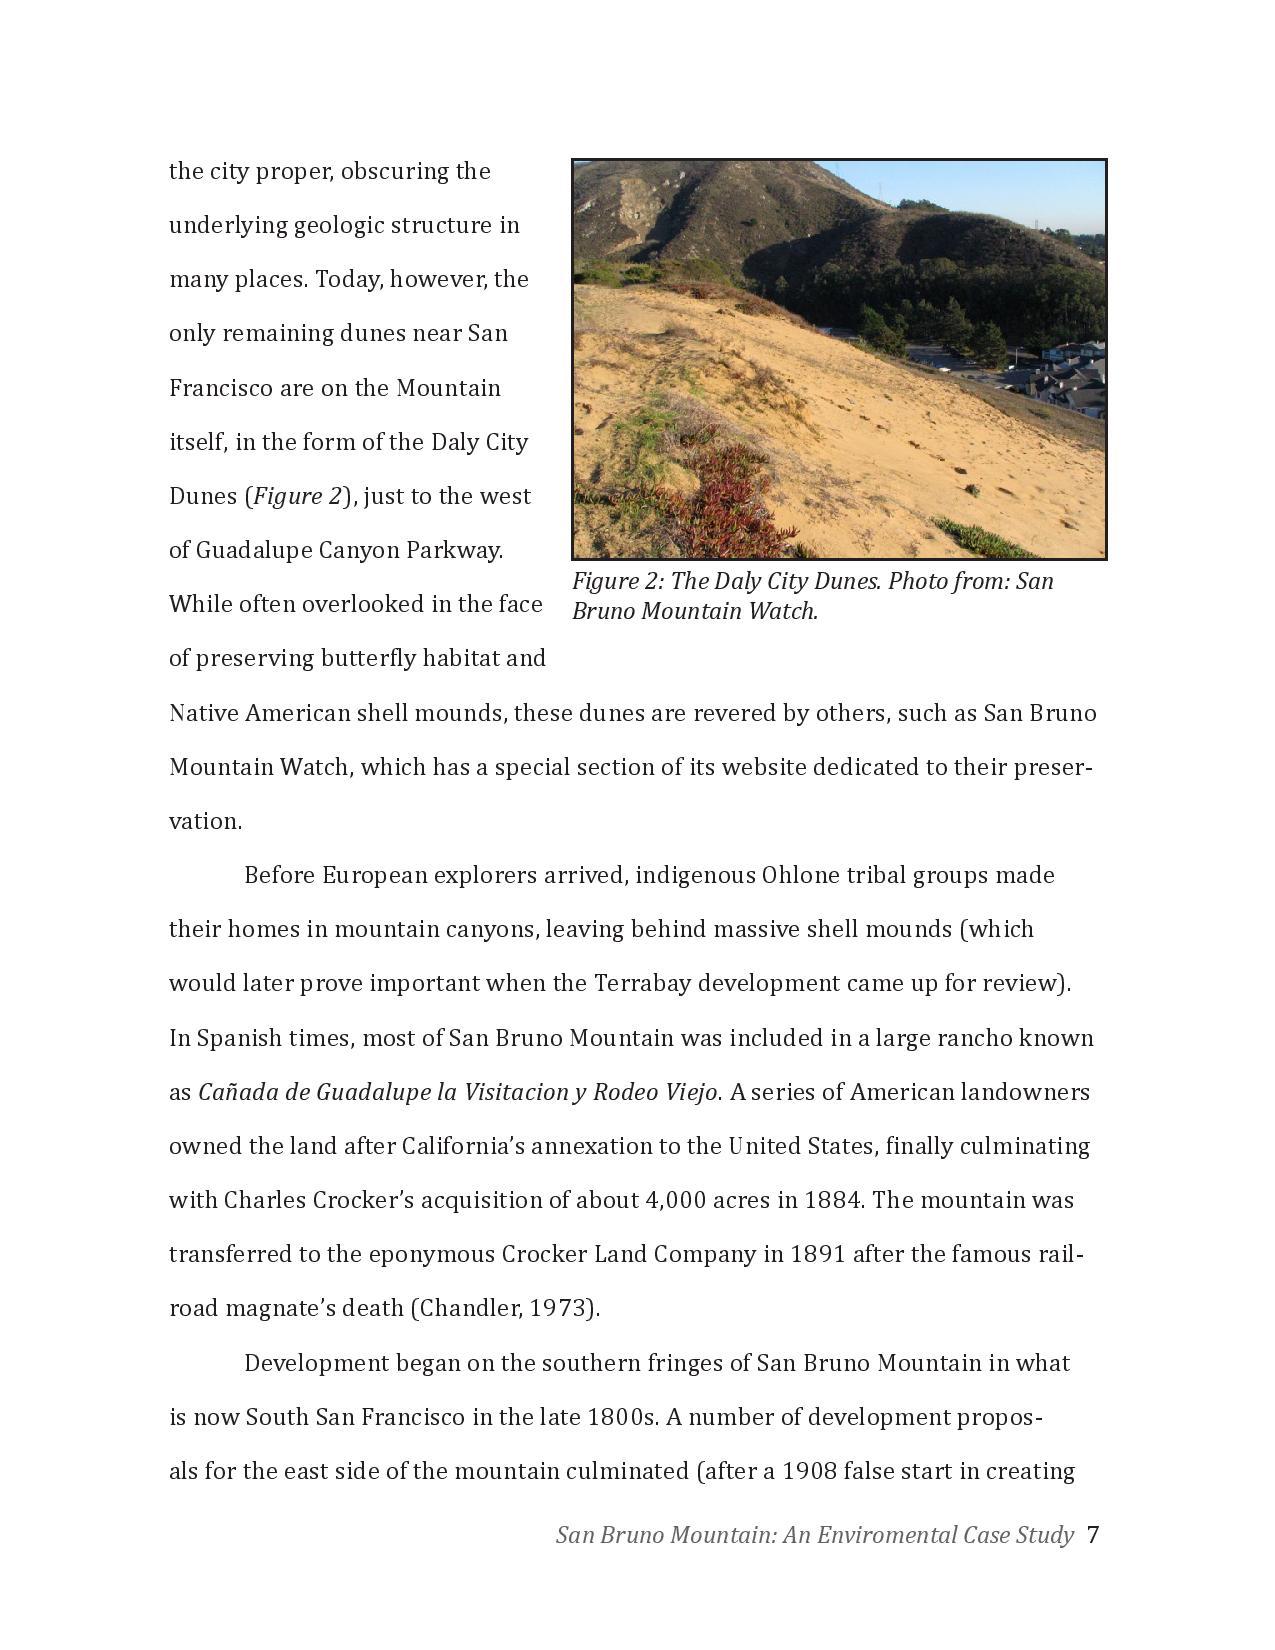 SBM An Environmental Case Study J Baker-page-007